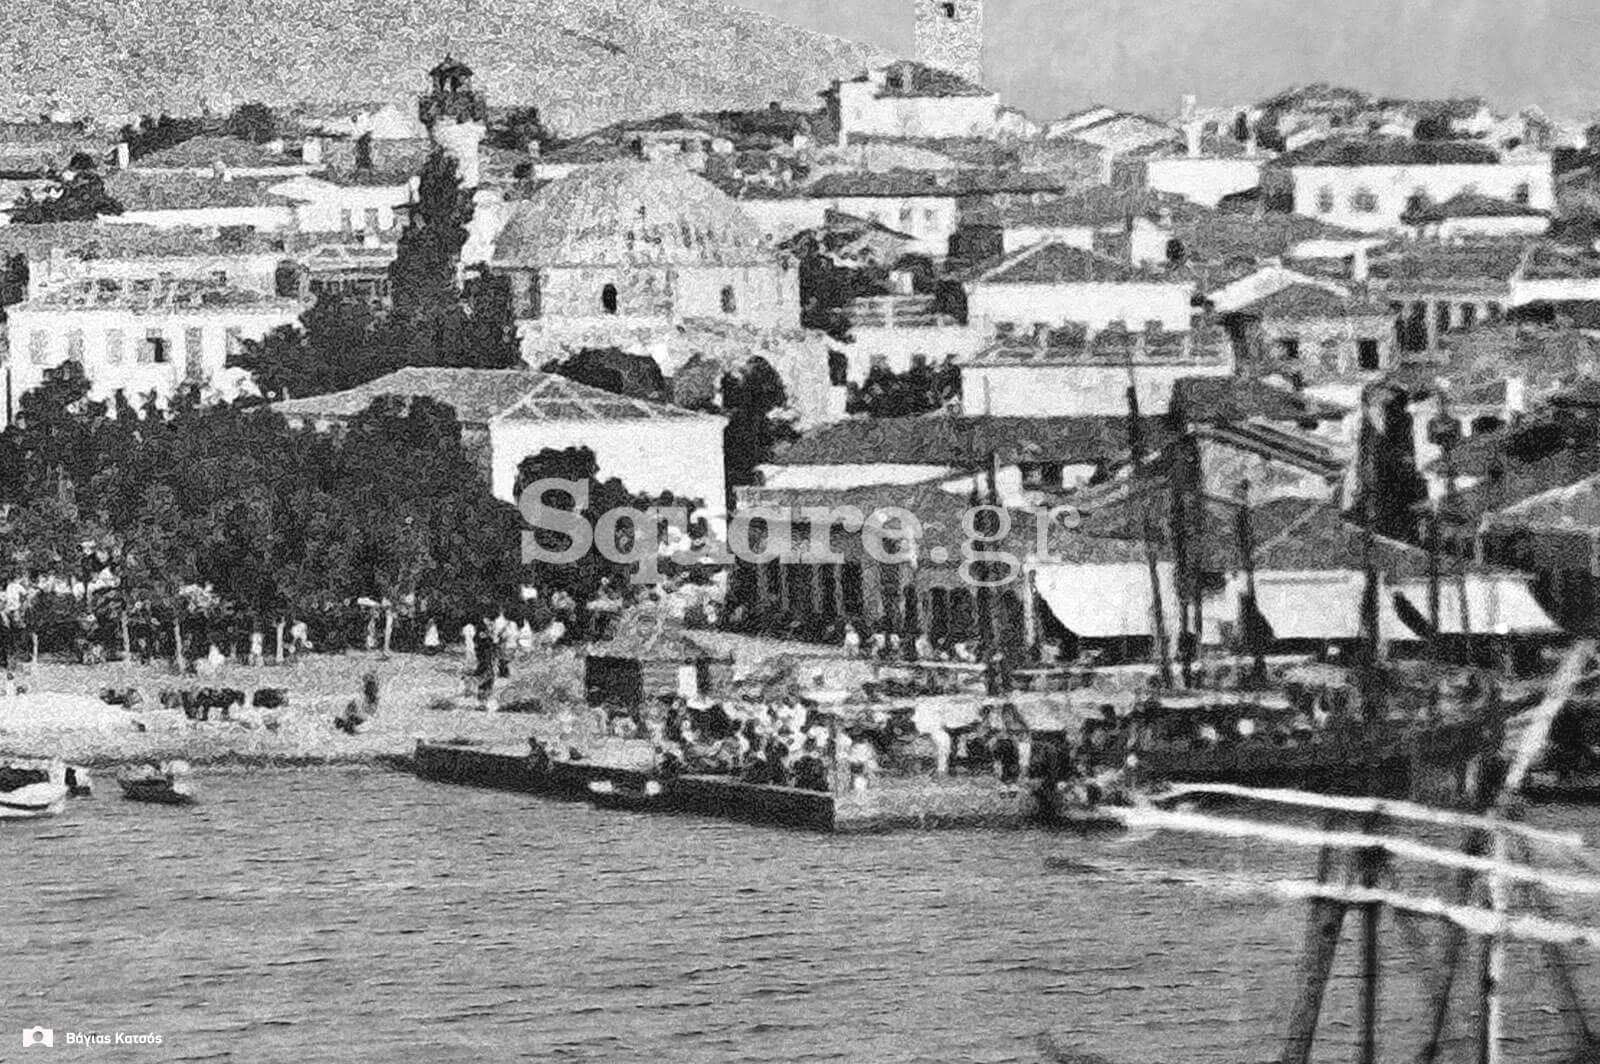 15-Η-αποβάθρα-μπροστά-από-το-Ουρσί-τζαμί-(σημερινός-Άγιος-Νικόλαος)-όπου-τελέστηκε-ο-αγιασμός-των-υδάτων-παρουσία-των-βασιλέων-το-1858